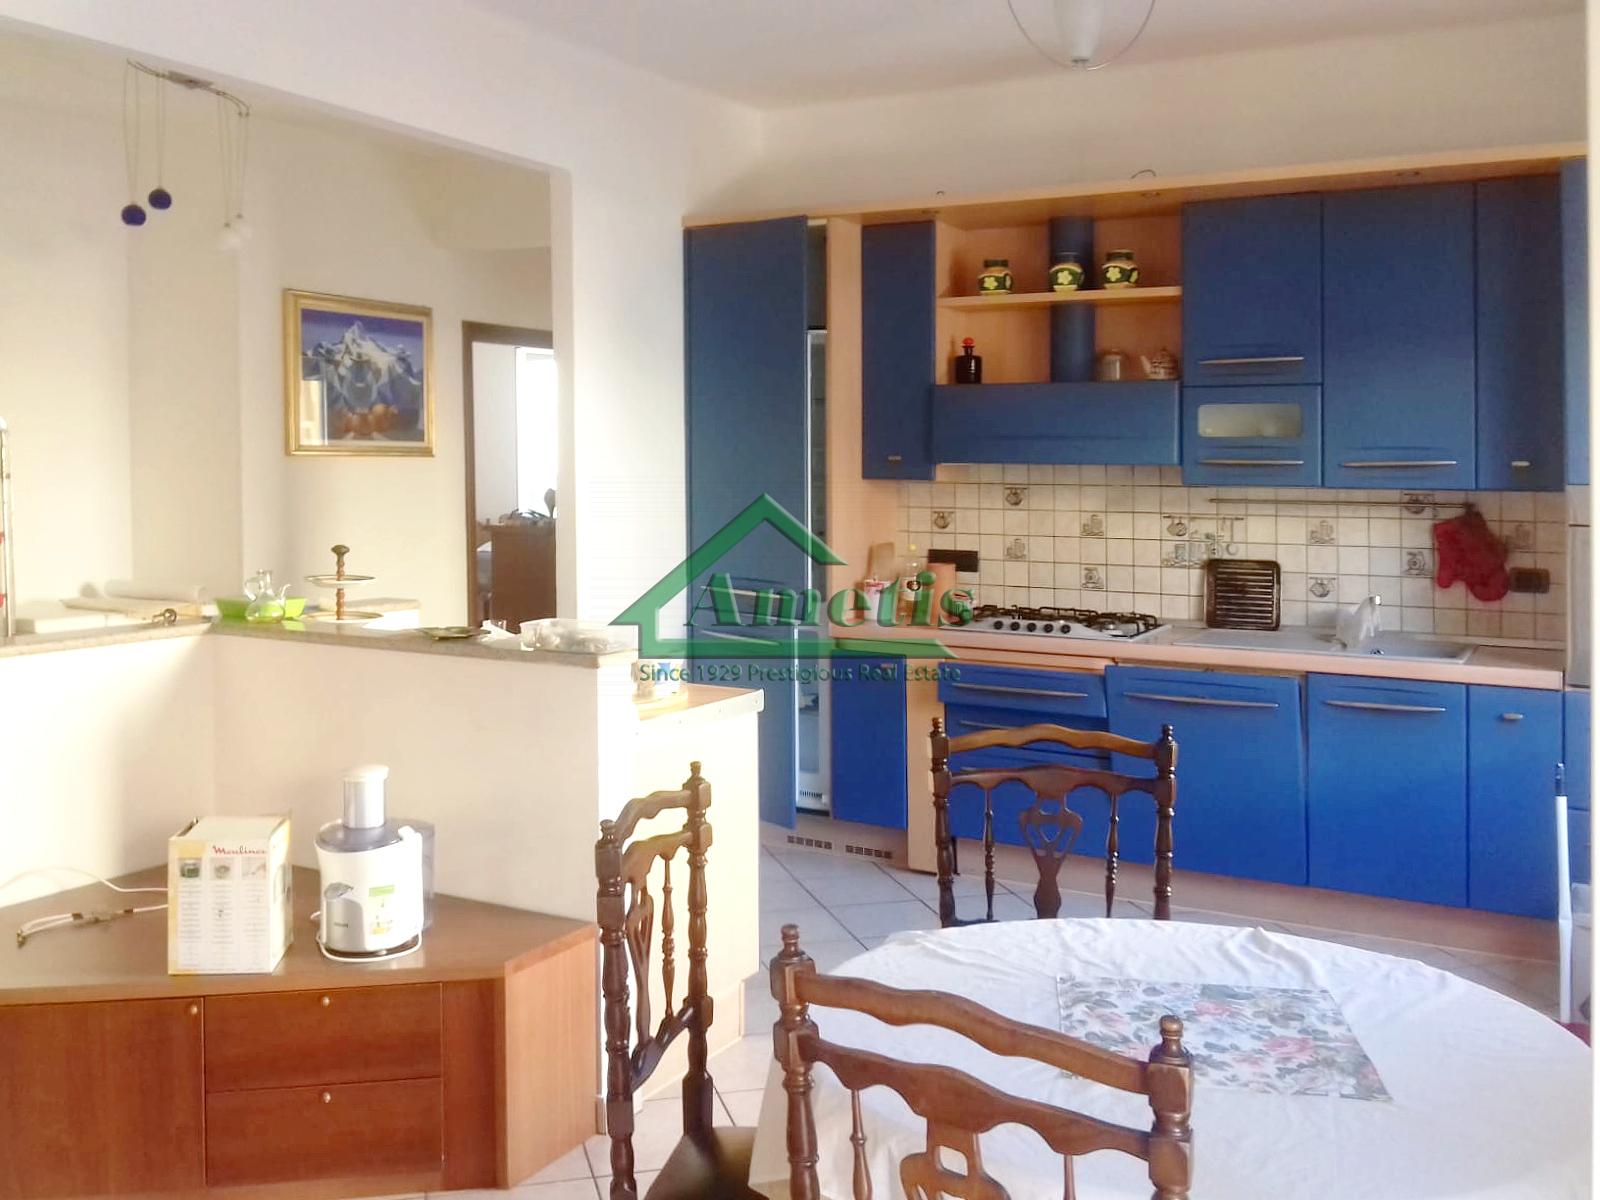 Appartamento in affitto a Imperia, 3 locali, zona Località: PortoMauriziocentro, prezzo € 500 | CambioCasa.it